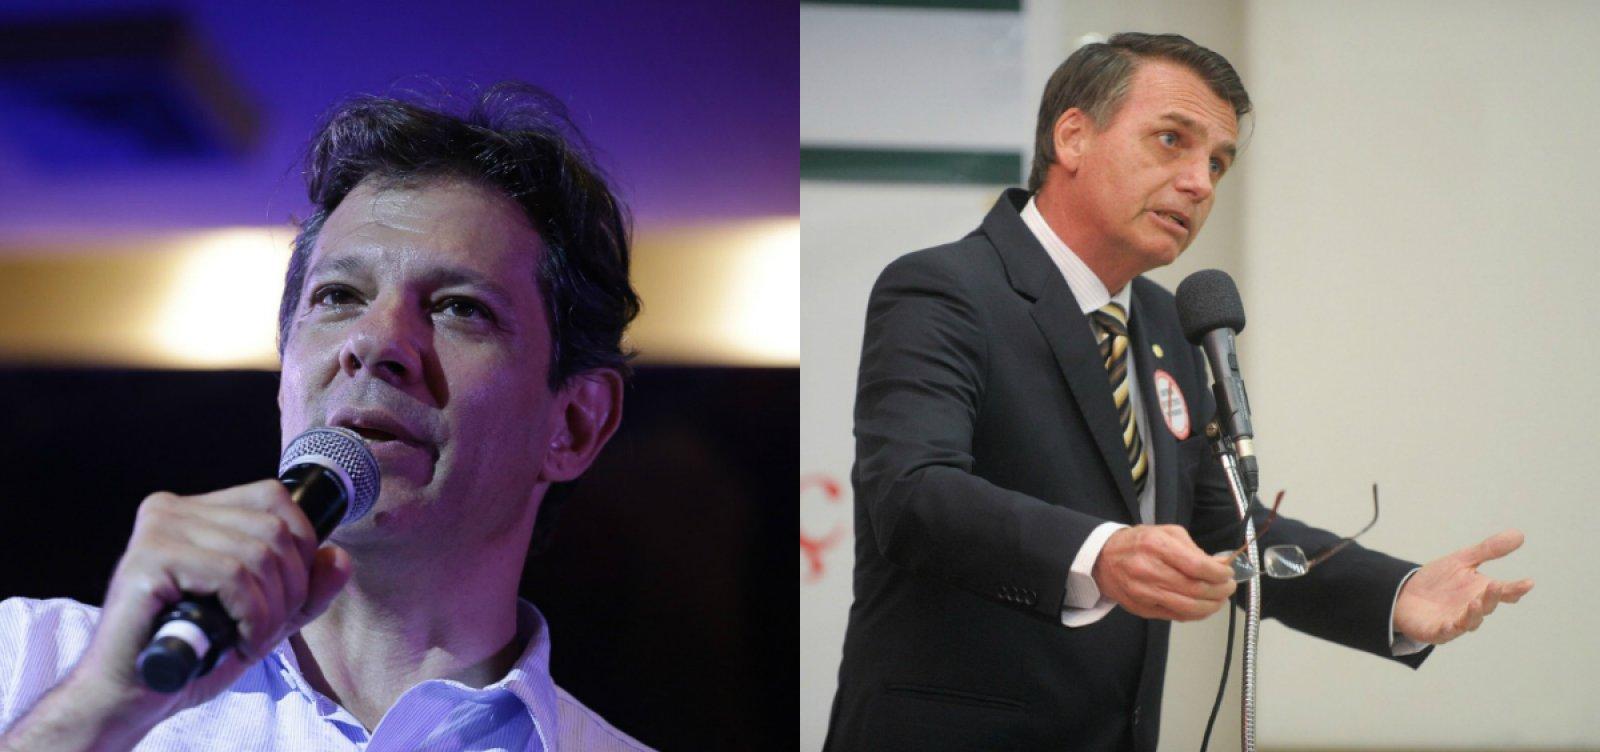 Boca de urna: Bolsonaro lidera com 56%, segundo Ibope